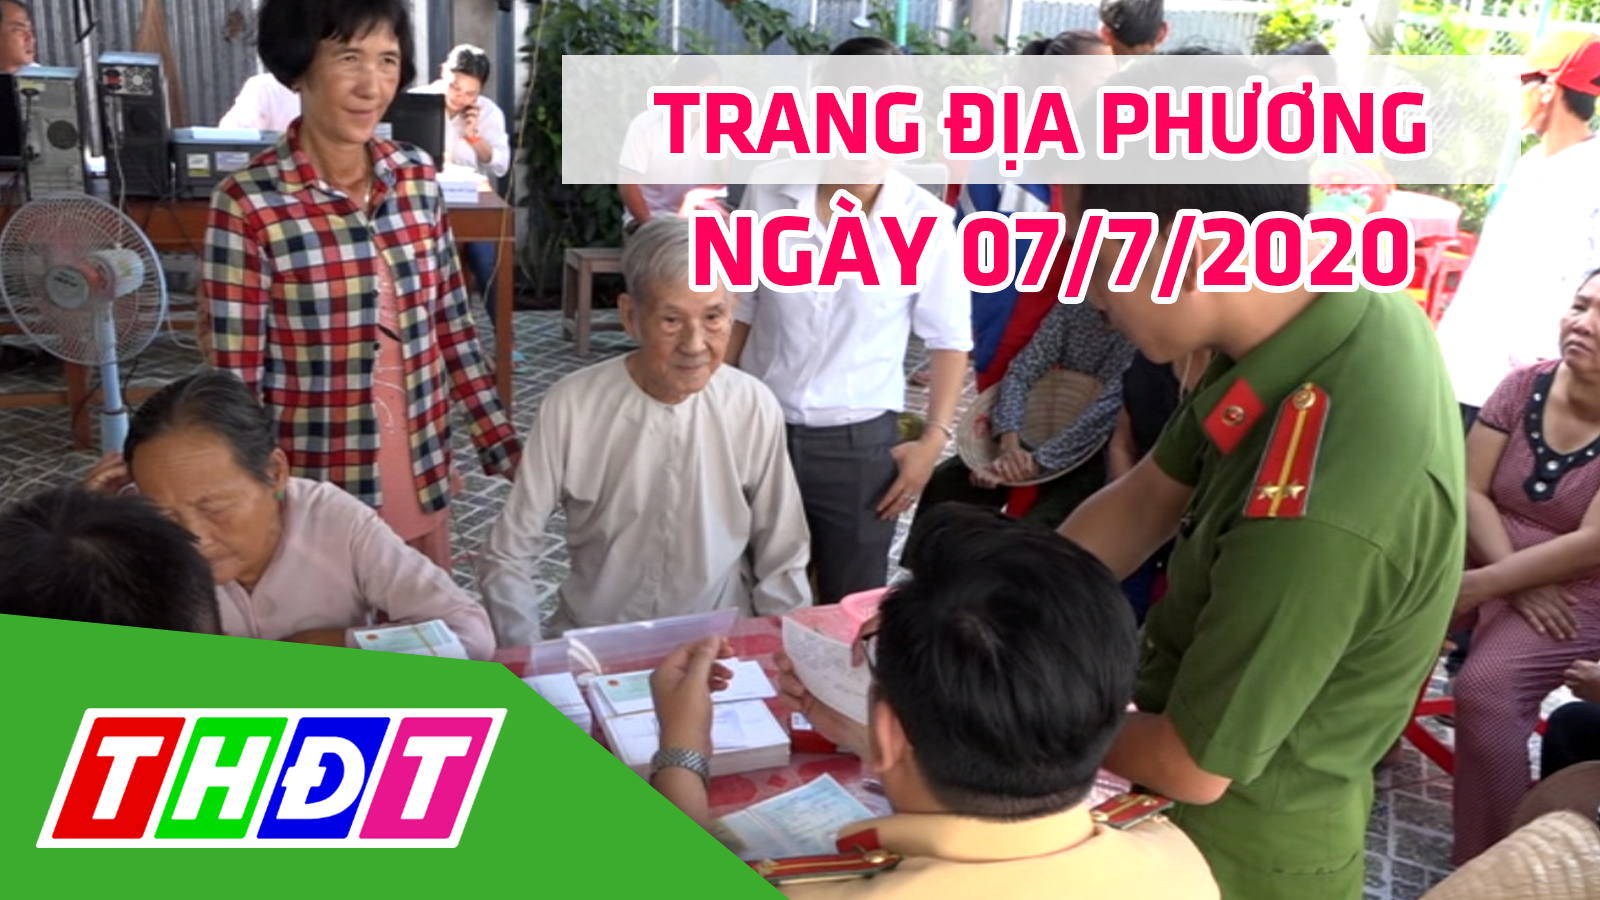 Trang địa phương - Thứ Ba, 07/7/2020 - H.Hồng Ngự